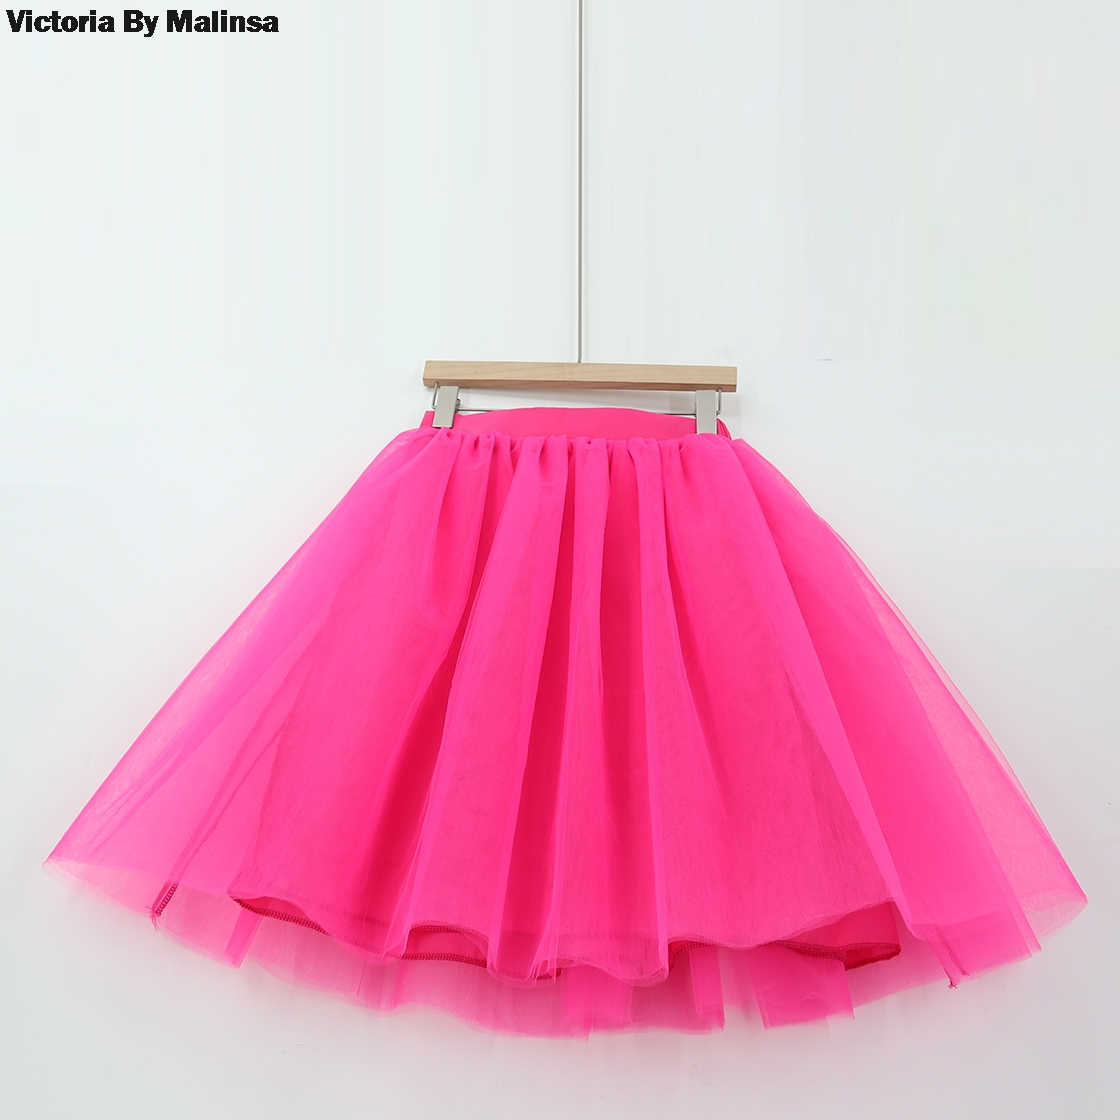 Ձմեռային Tutu փեշ Կանայք Աղջիկներ - Կանացի հագուստ - Լուսանկար 3